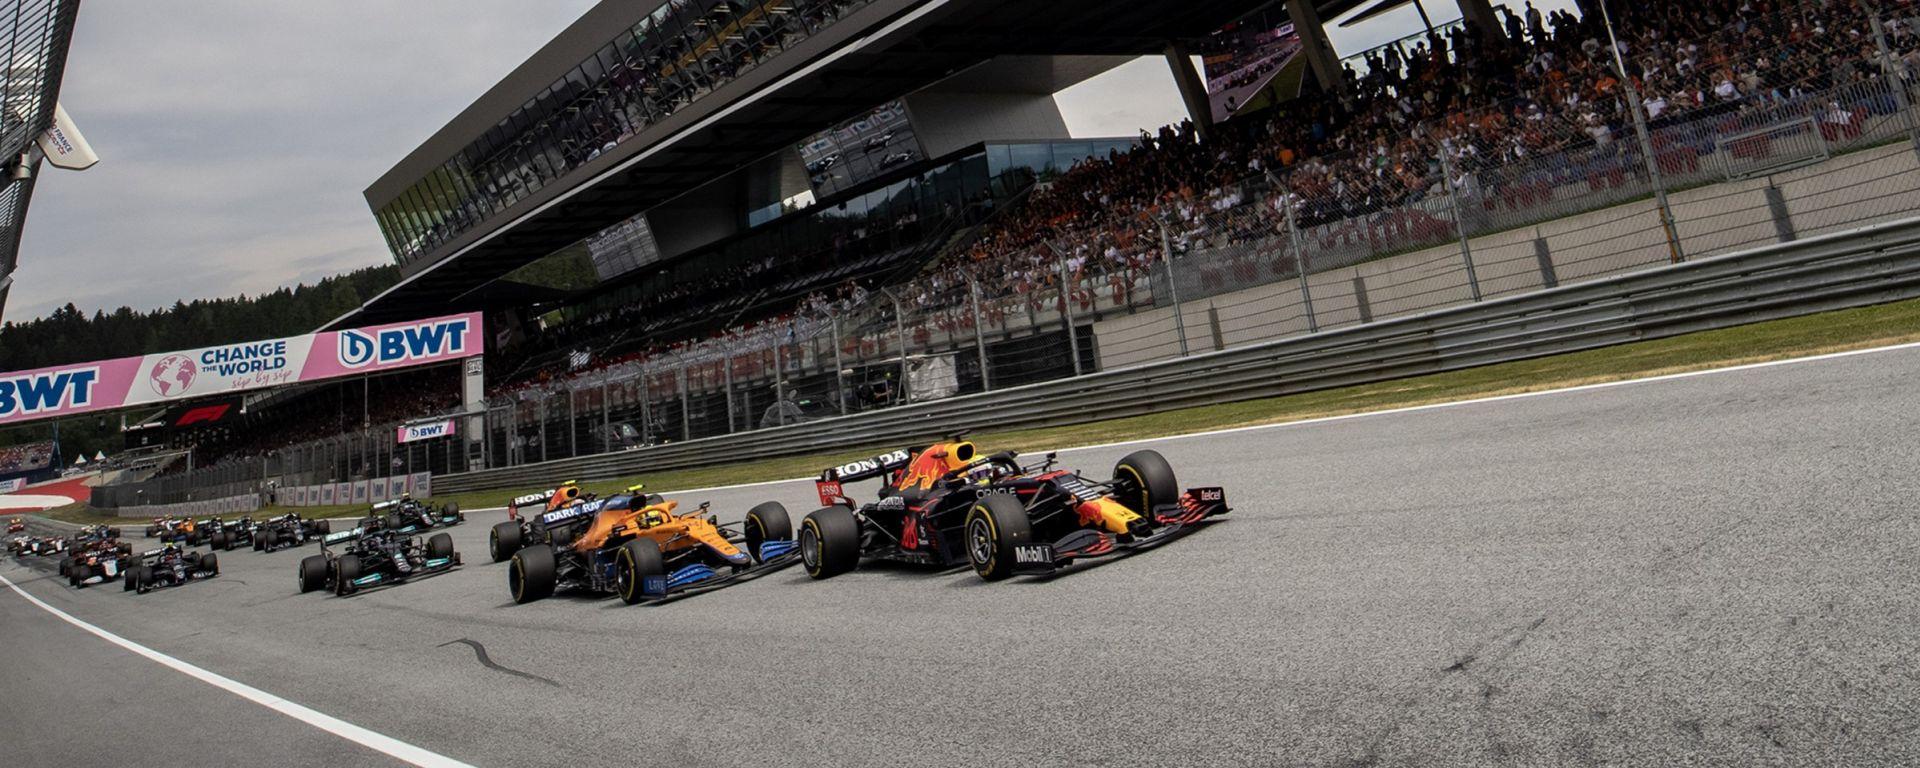 F1, GP Austria 2021: la partenza della gara